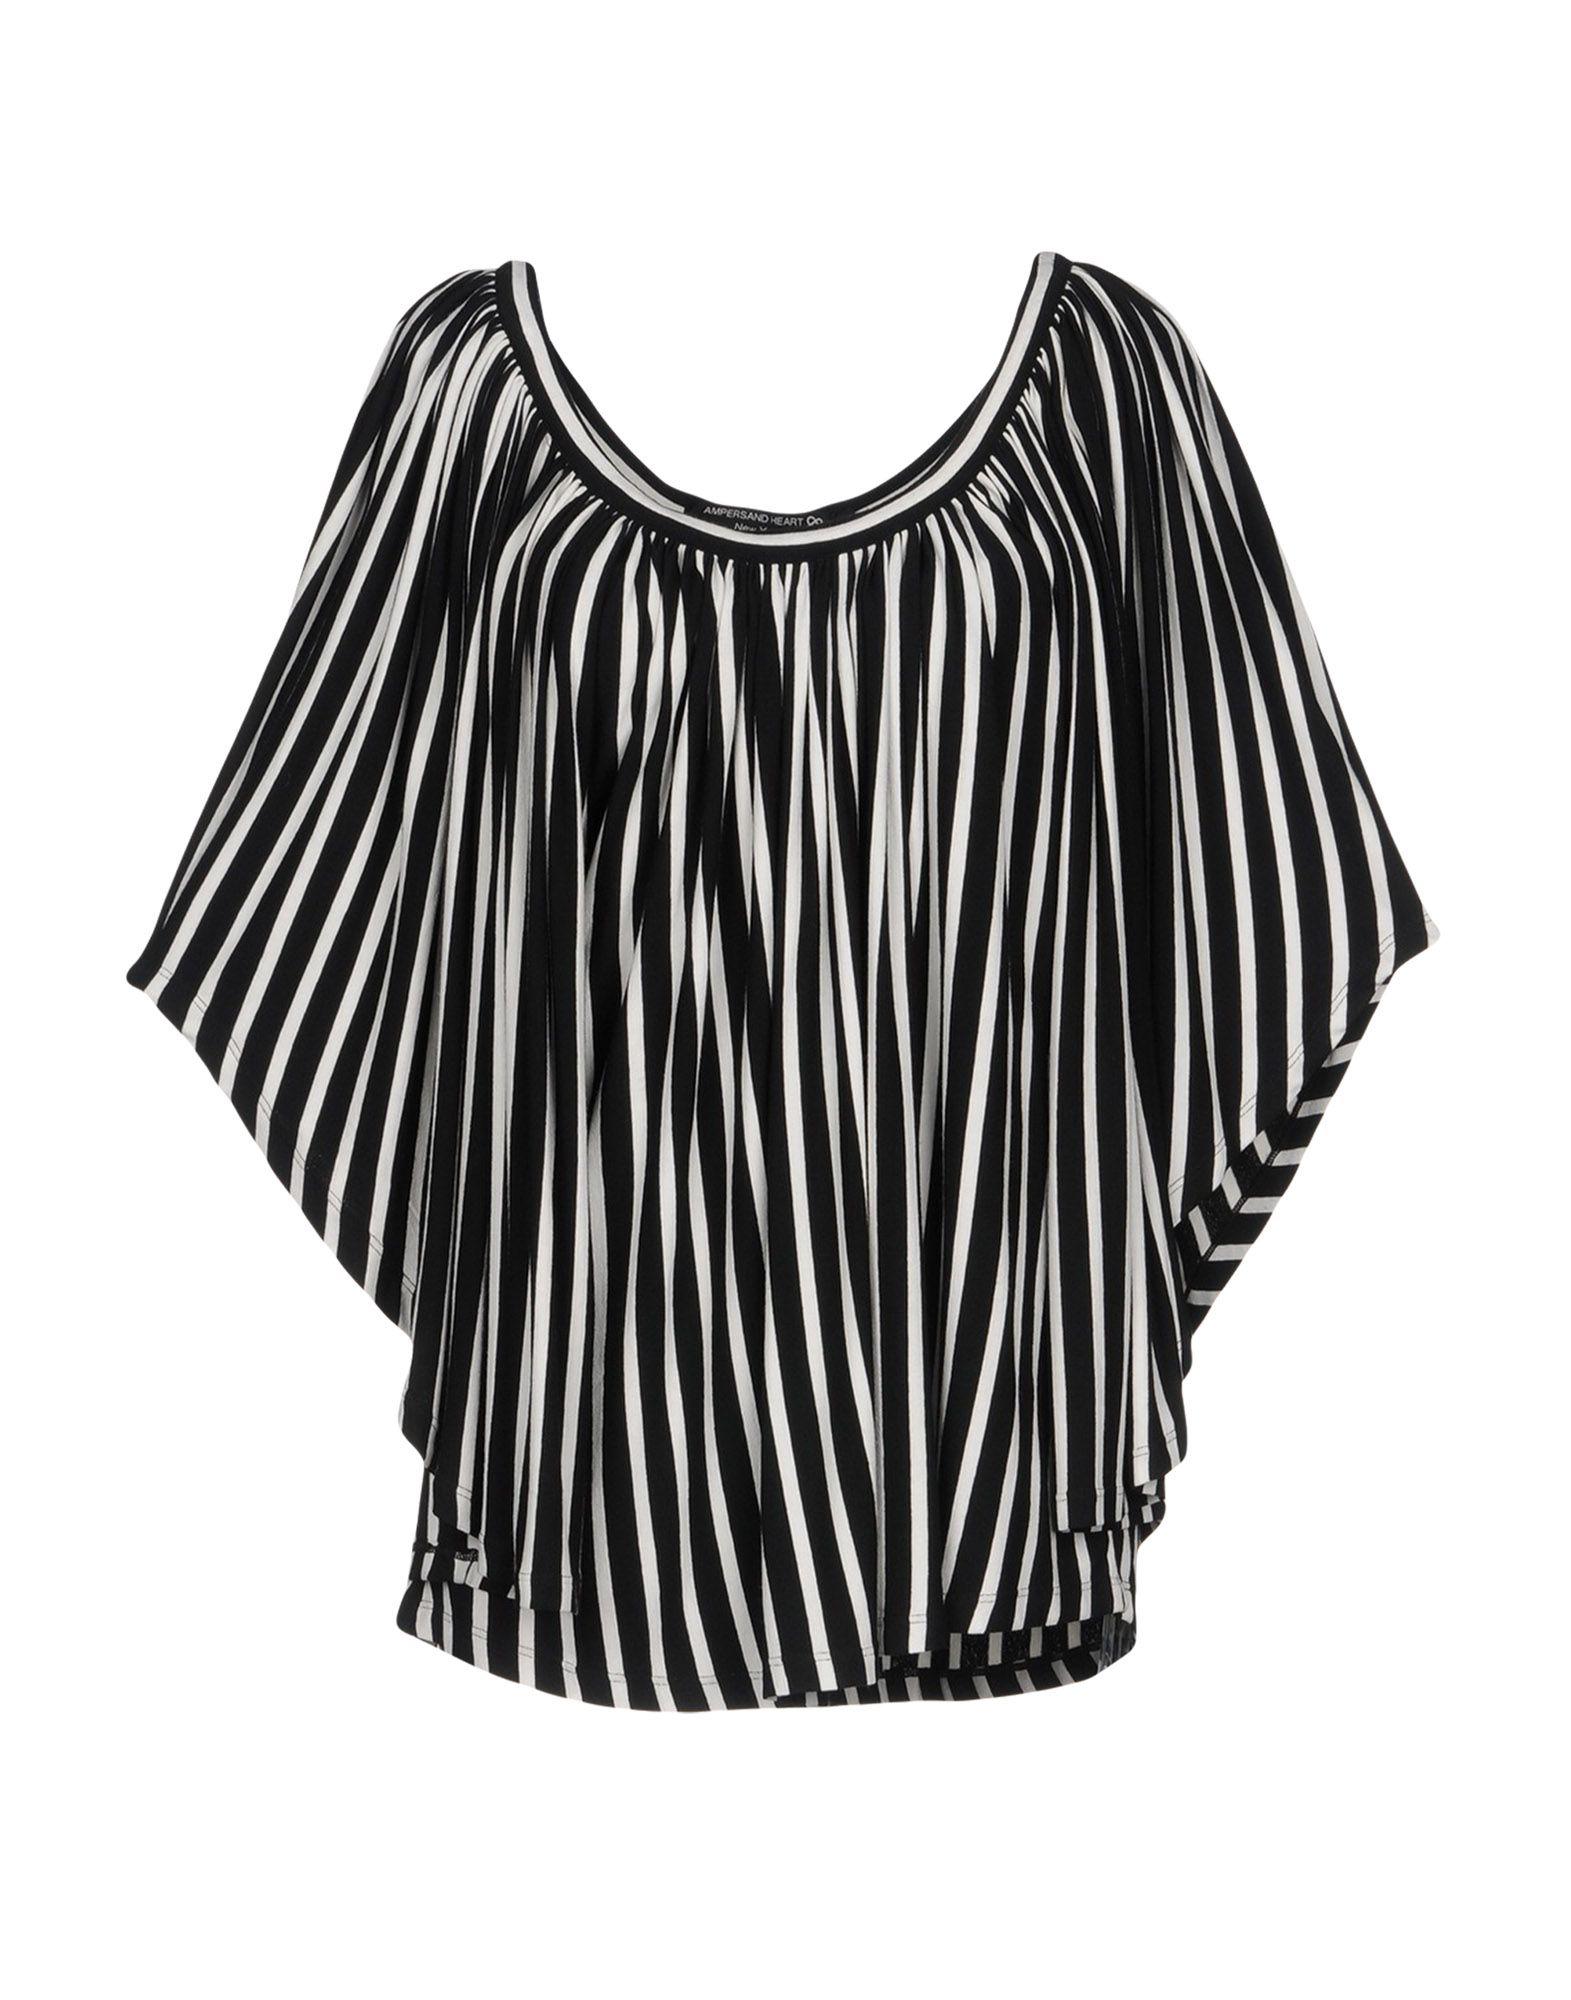 T-Shirt Ampersand Heart New York Donna - Acquista online su JYlf3PIFG